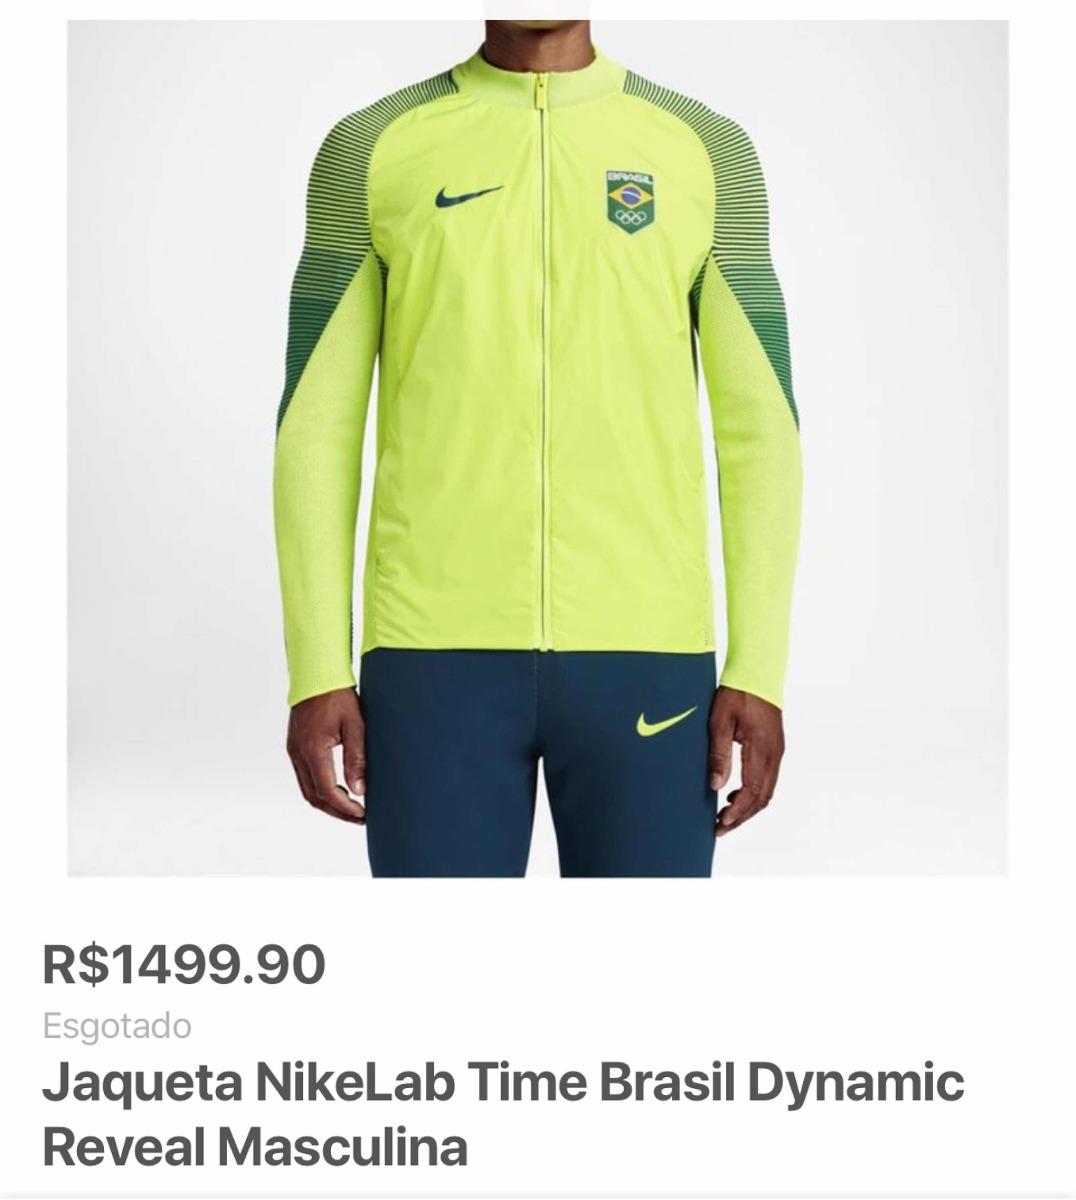 7e7b81a1ad0c6 jaqueta nike time brasil olimpíadas rio 2016. Carregando zoom.